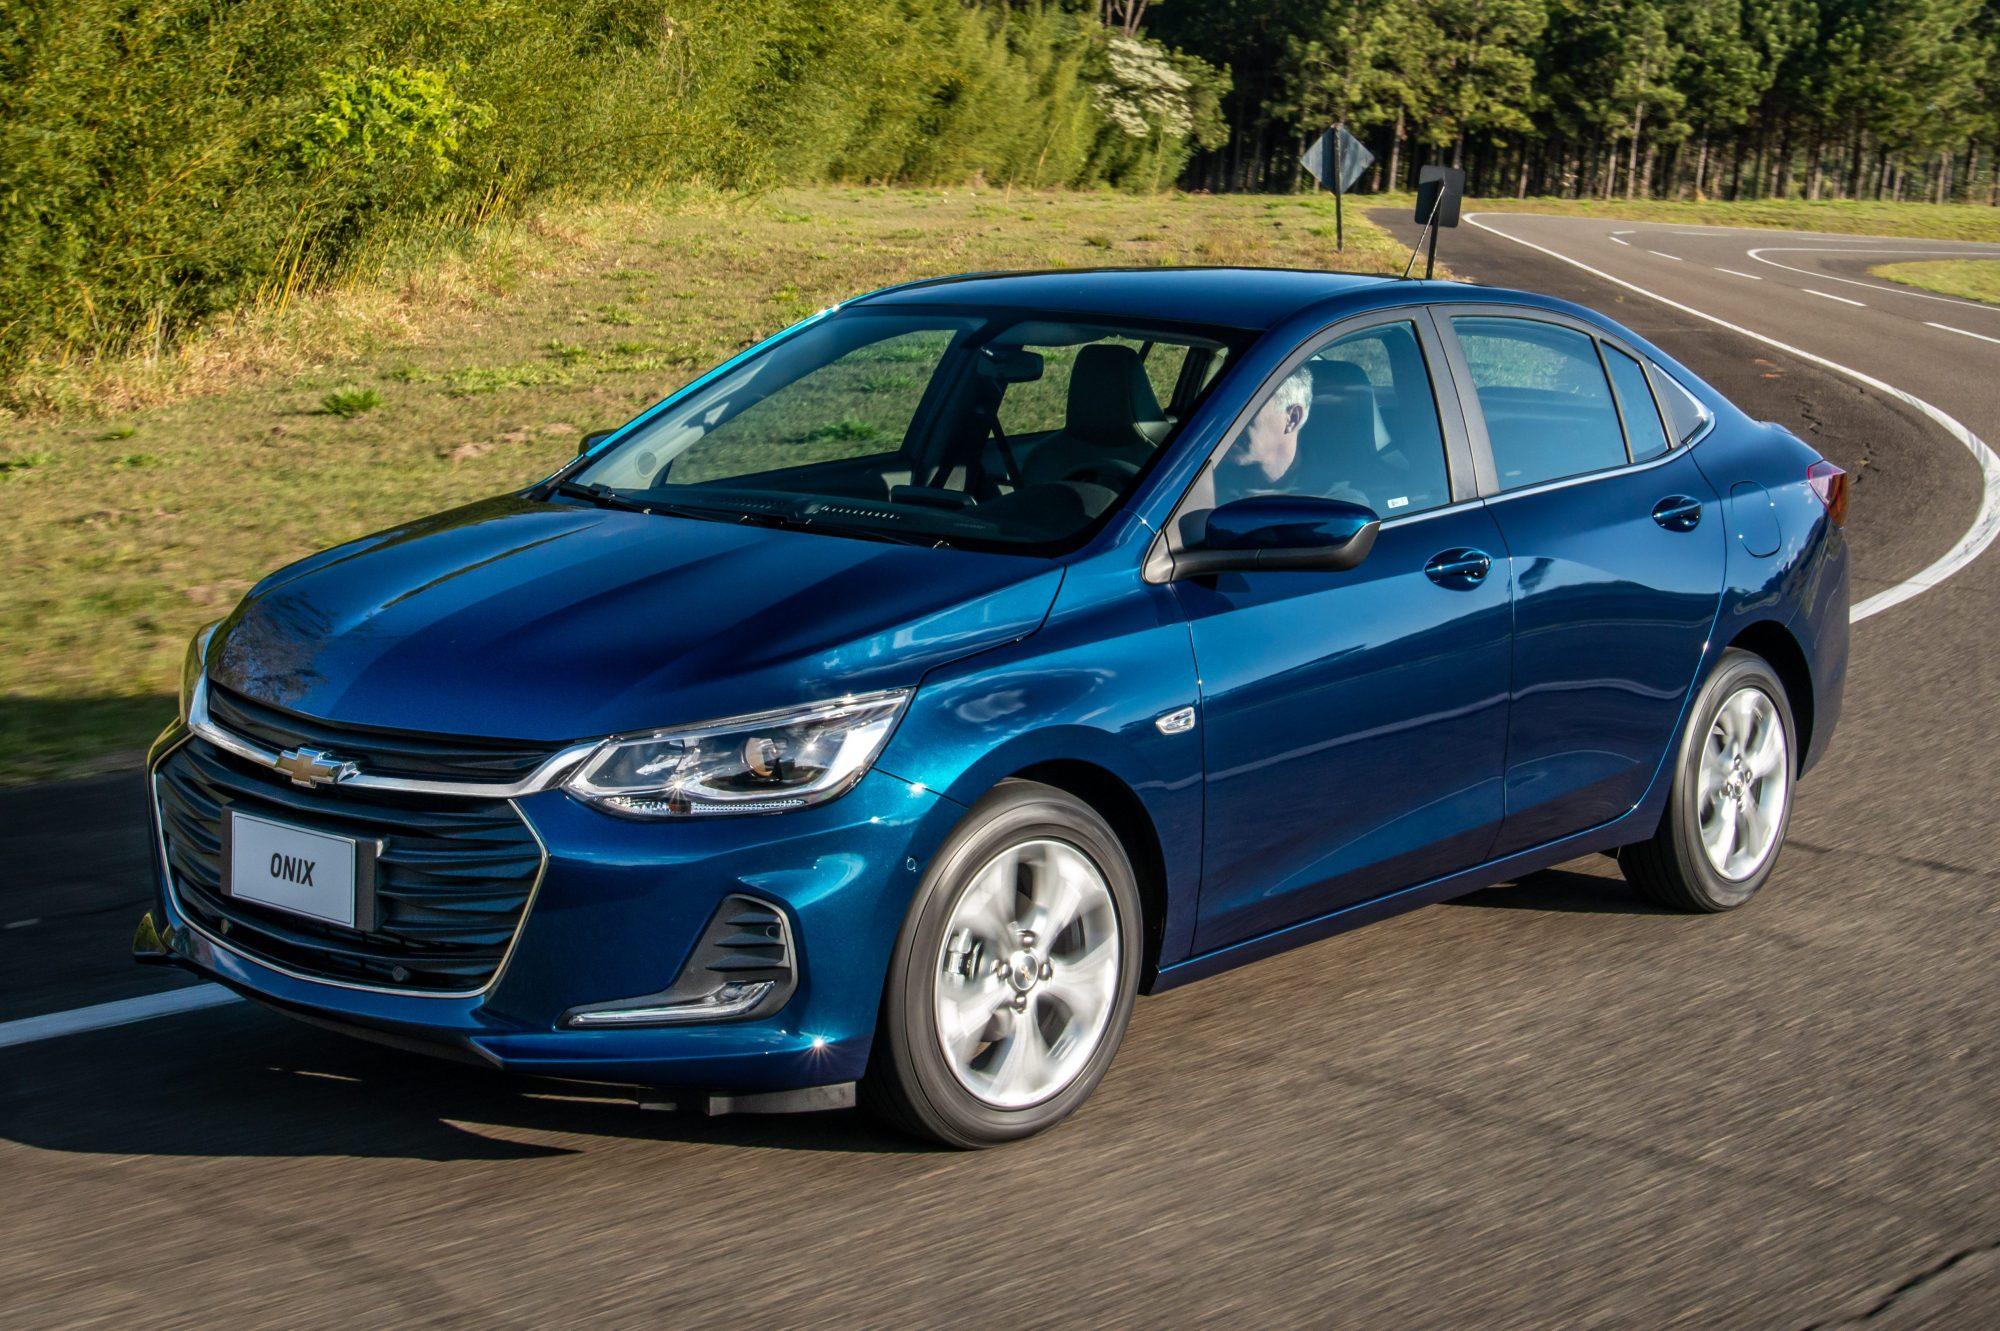 Exclusivo: Chevrolet Onix e Onix Plus perderam equipamentos na linha 2021